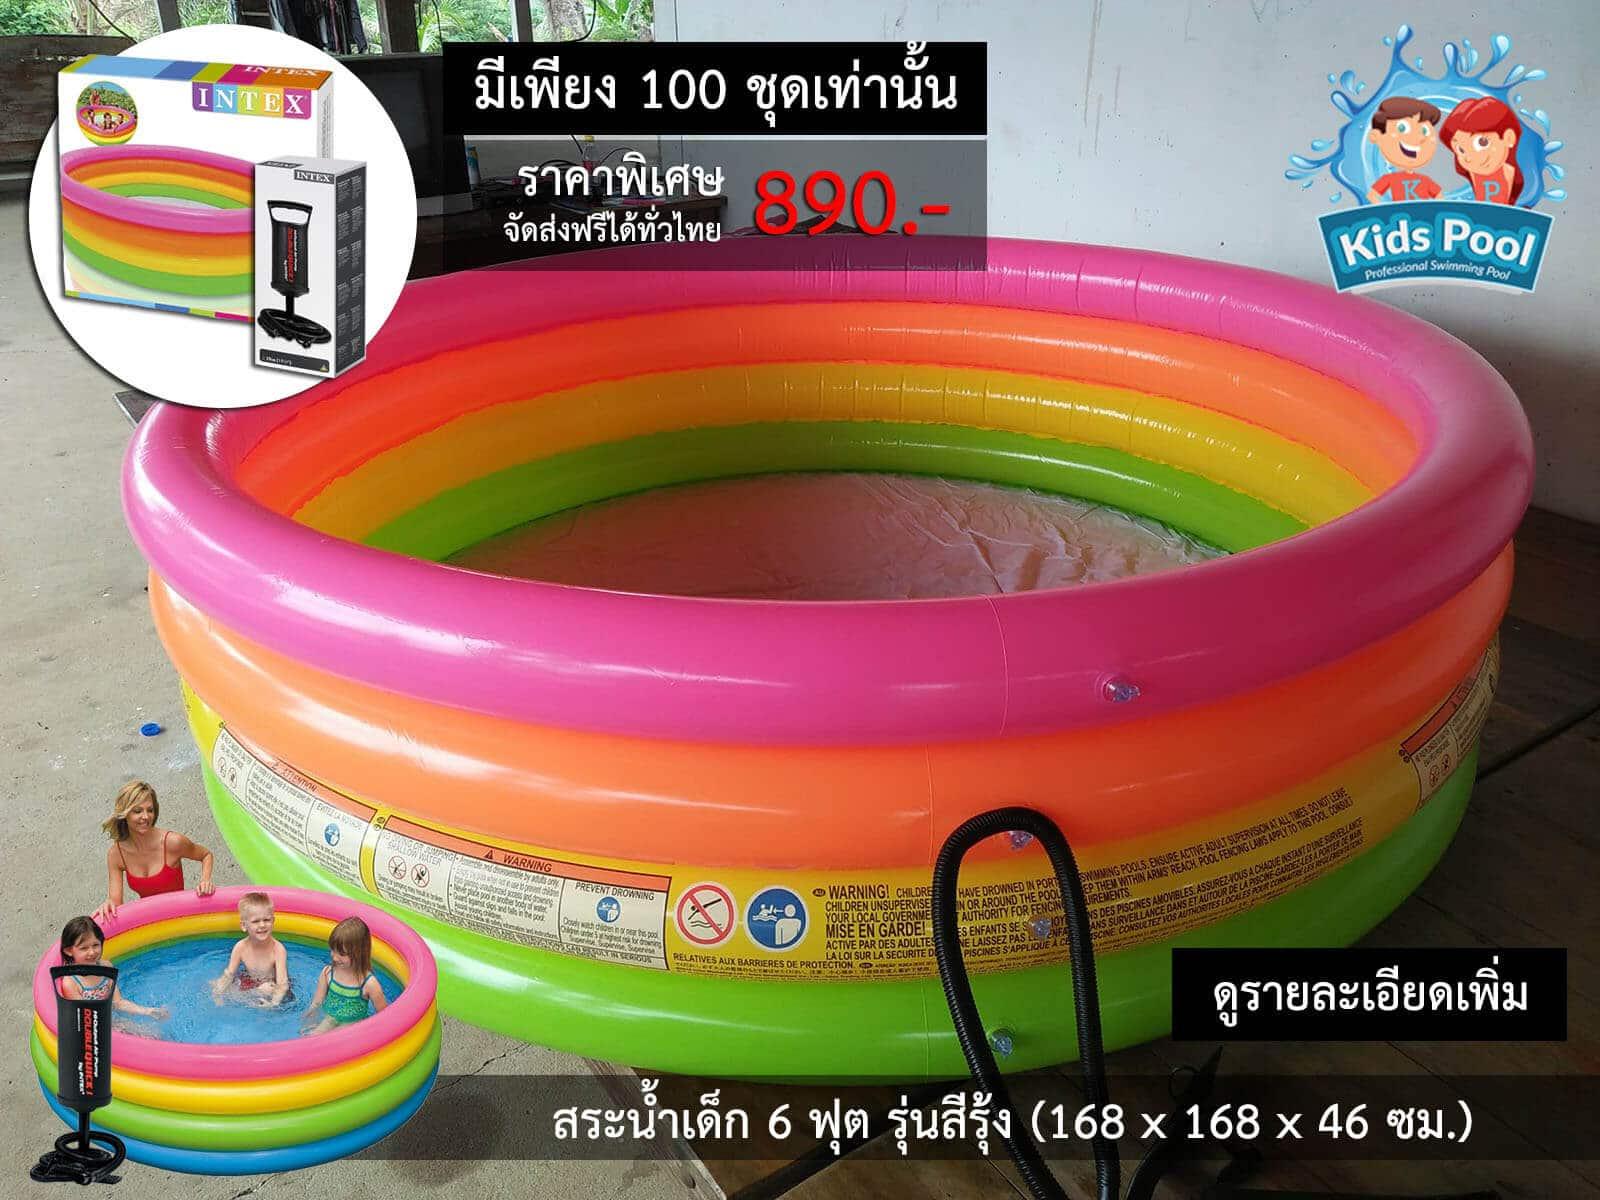 สระน้ำเด็กเป่าลม Intex 56441-001